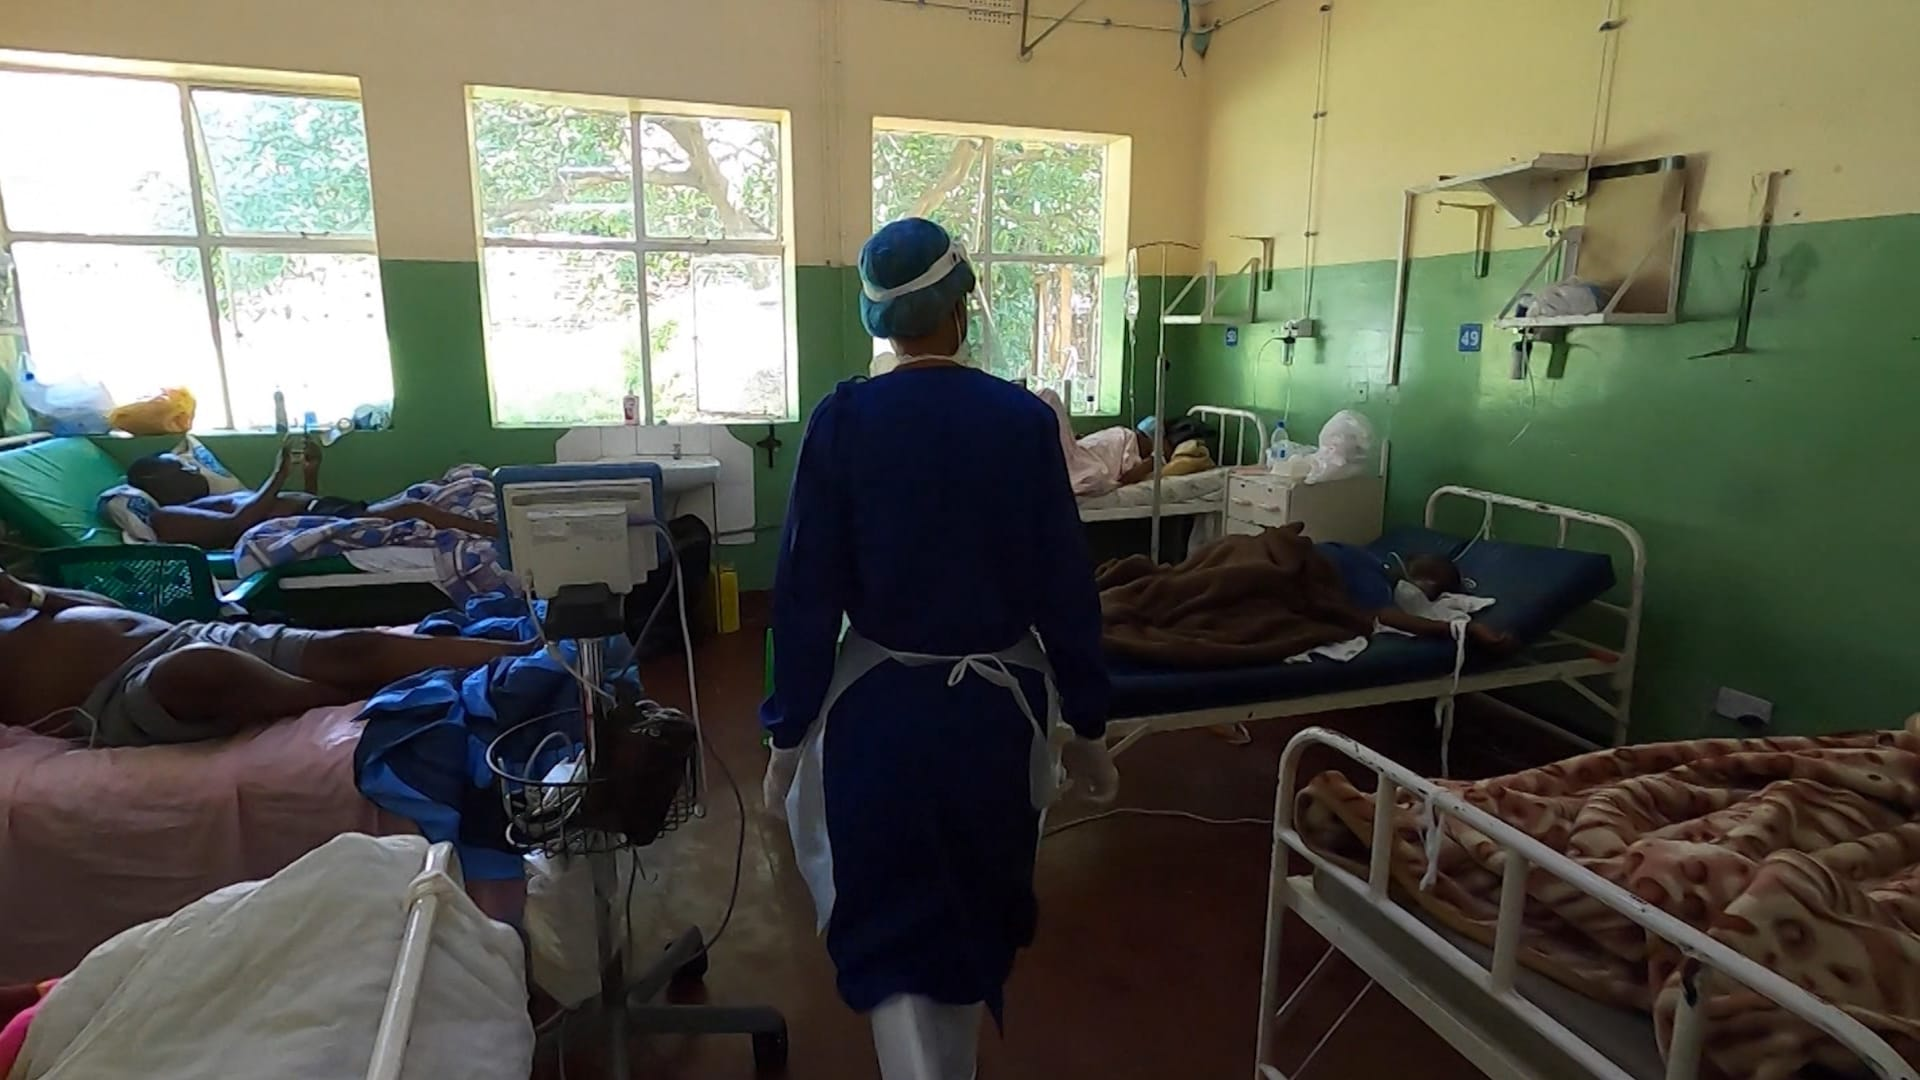 من داخل مستشفى في ملاوي.. موجة كورونا الثانية تضع البلاد على حافة الهاوية ولا توفر للقاحات في الأفق